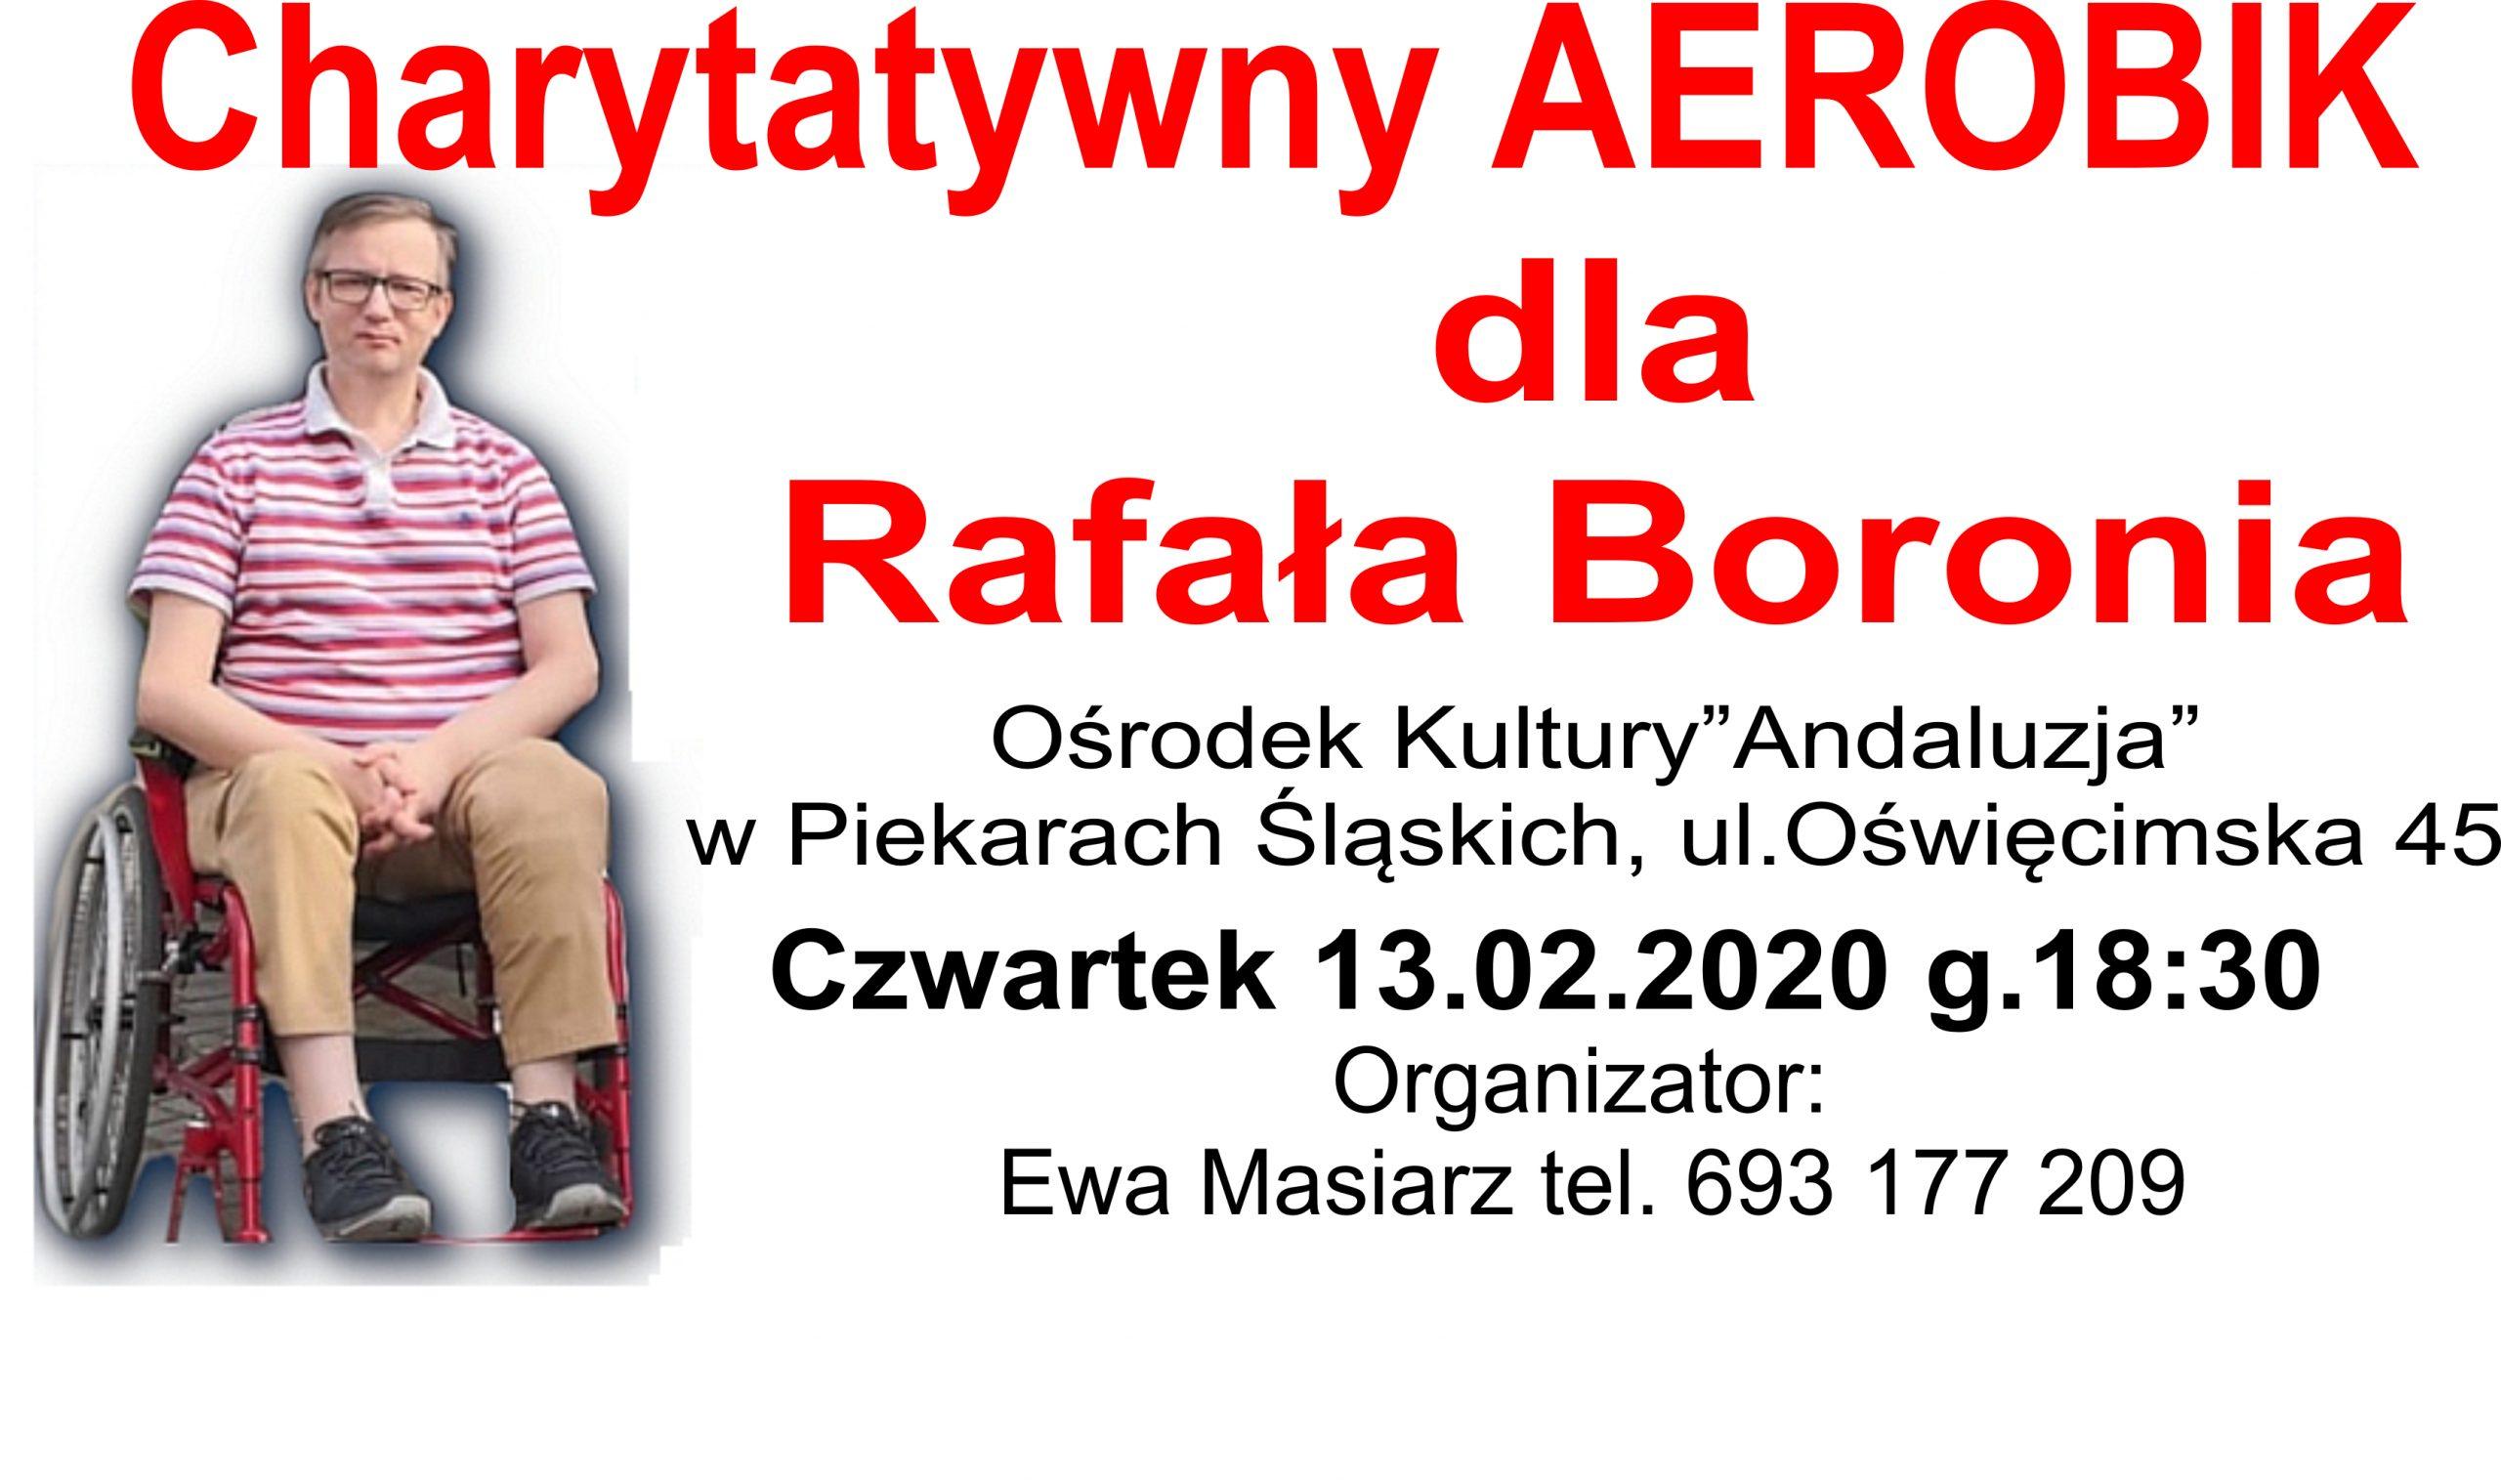 Dla Rafała Boronia!